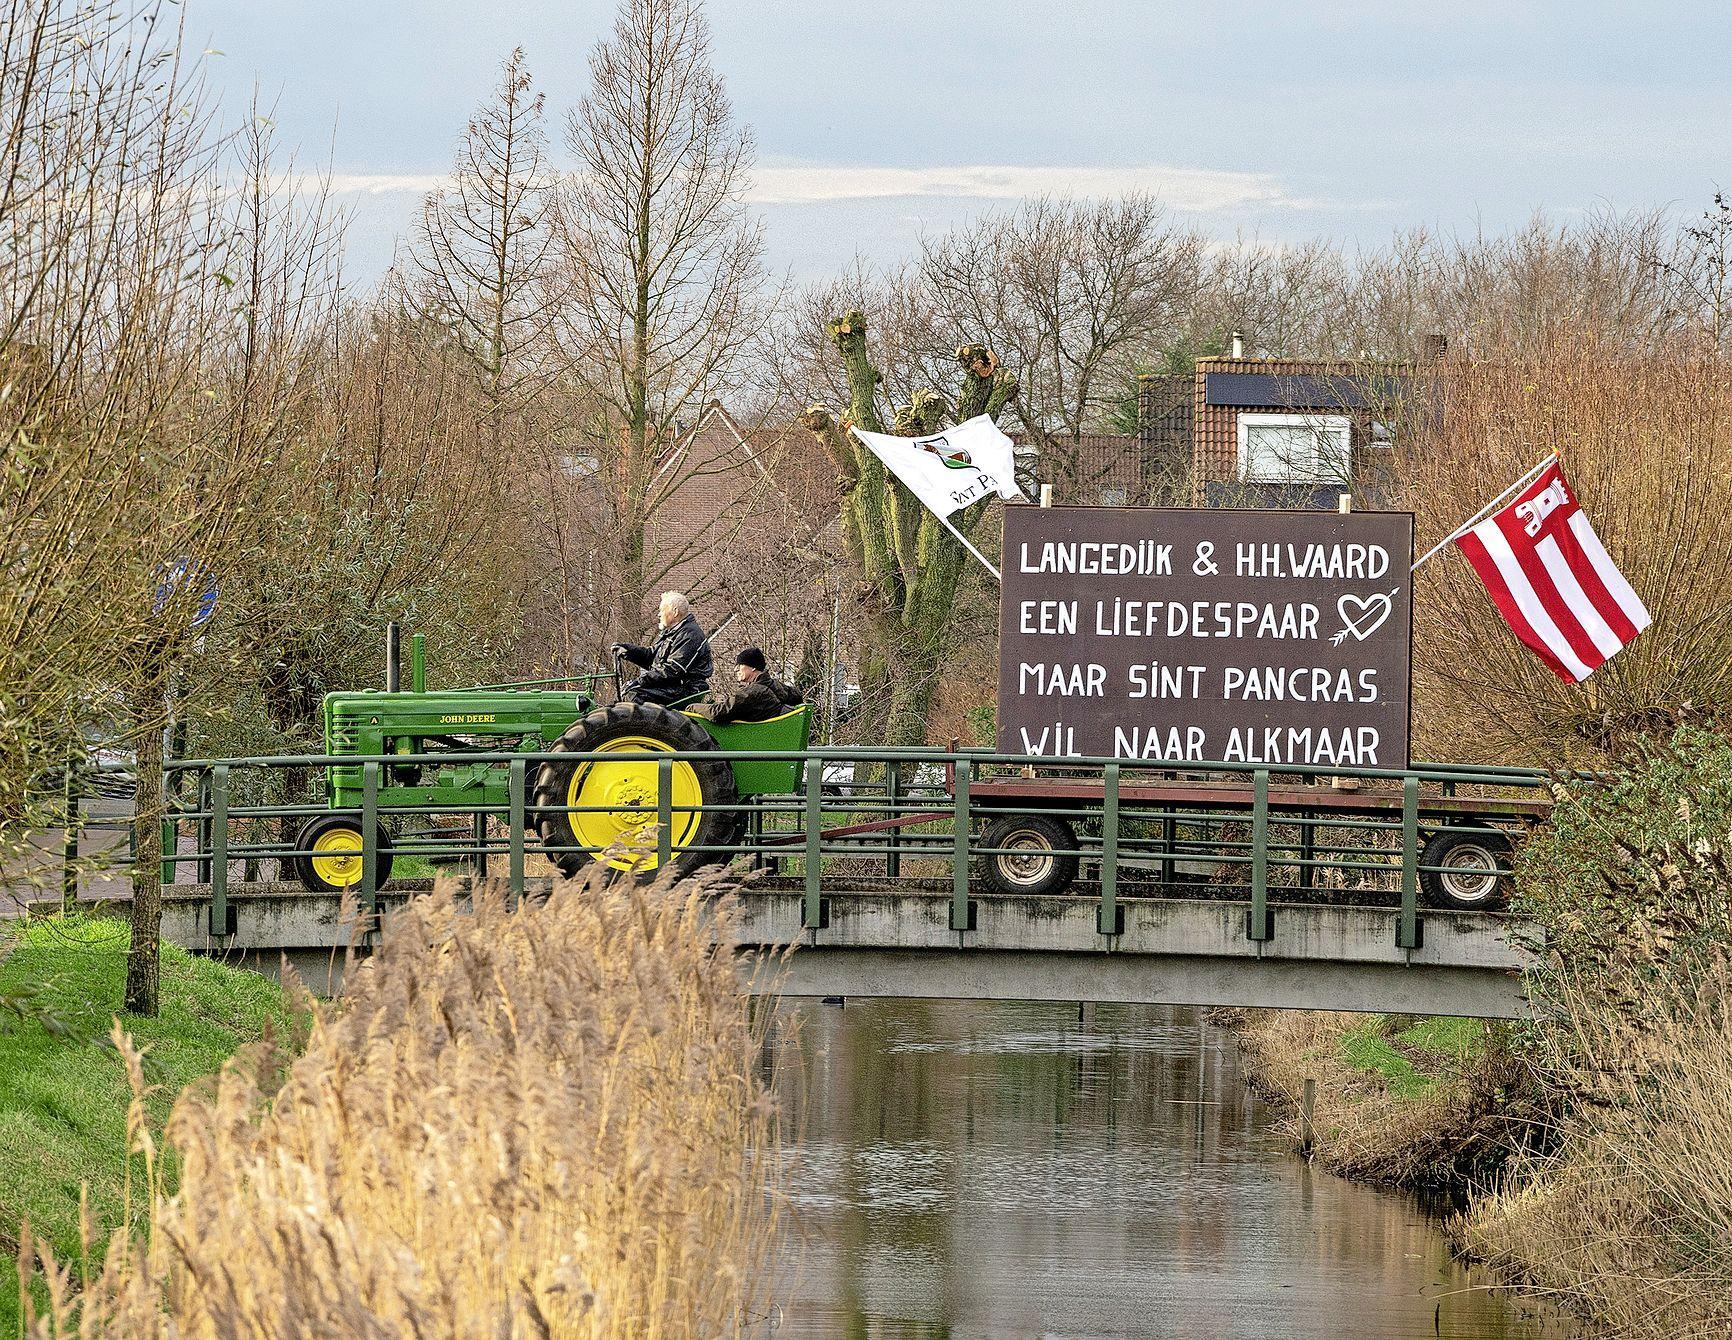 Motie in Tweede Kamer: als Sint Pancras en Koedijk na de fusie ontevreden zijn, moet grenscorrectie met Alkmaar mogelijk zijn